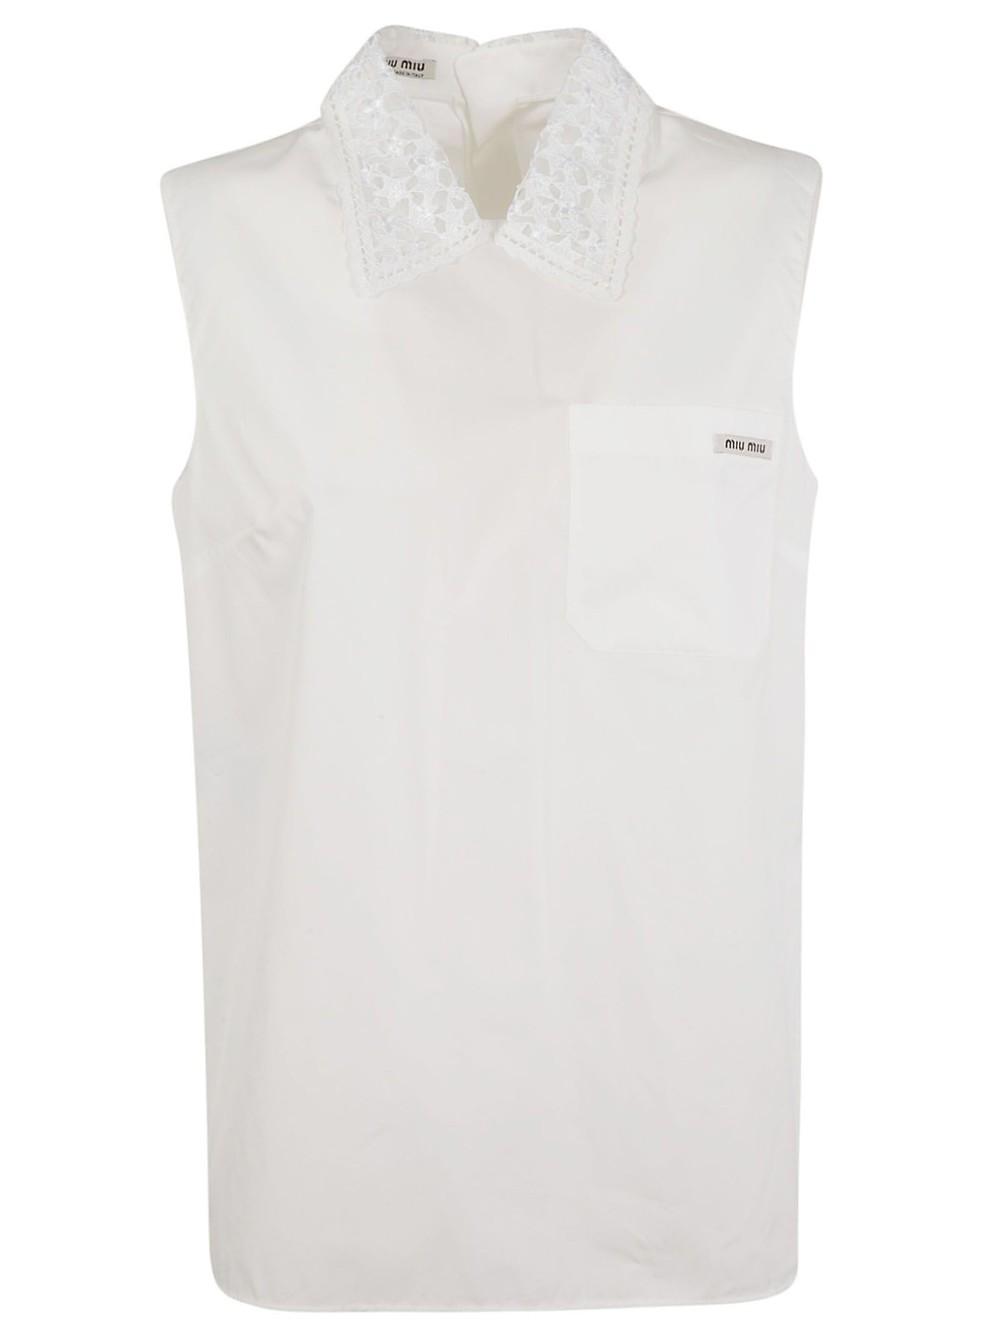 Miu Miu Sleeveless Top in white